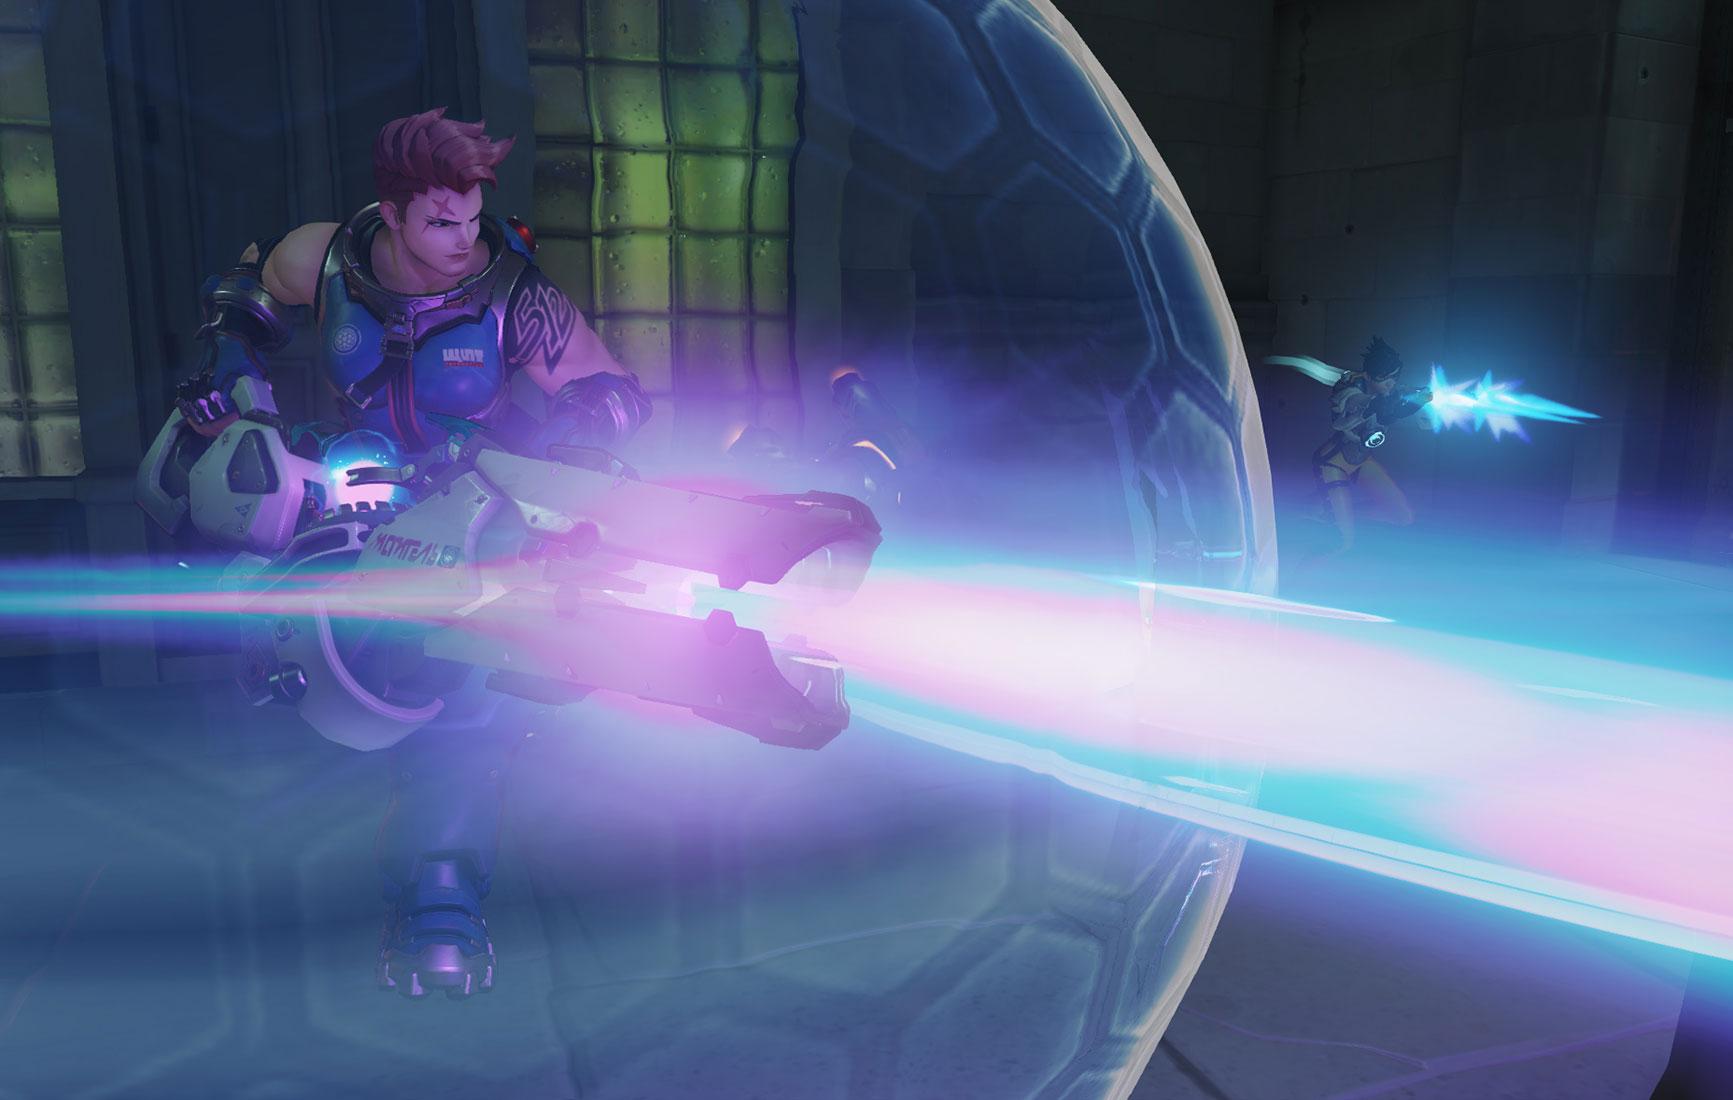 Videopelikuvaa Overwatch-pelistä. Kuvassa etualalla Zarya-hahmo, isokokoinen ja lihaksikas, pinkkitukkainen nainen. Hän ampuu protonisädettä valtavasta aseestaan, ja hänen ympärillään on suojakupla. Taustalla pienikokoinen ja vikkelä Tracer-hahmo ampuu nopeilla automaattipistooleillaan.